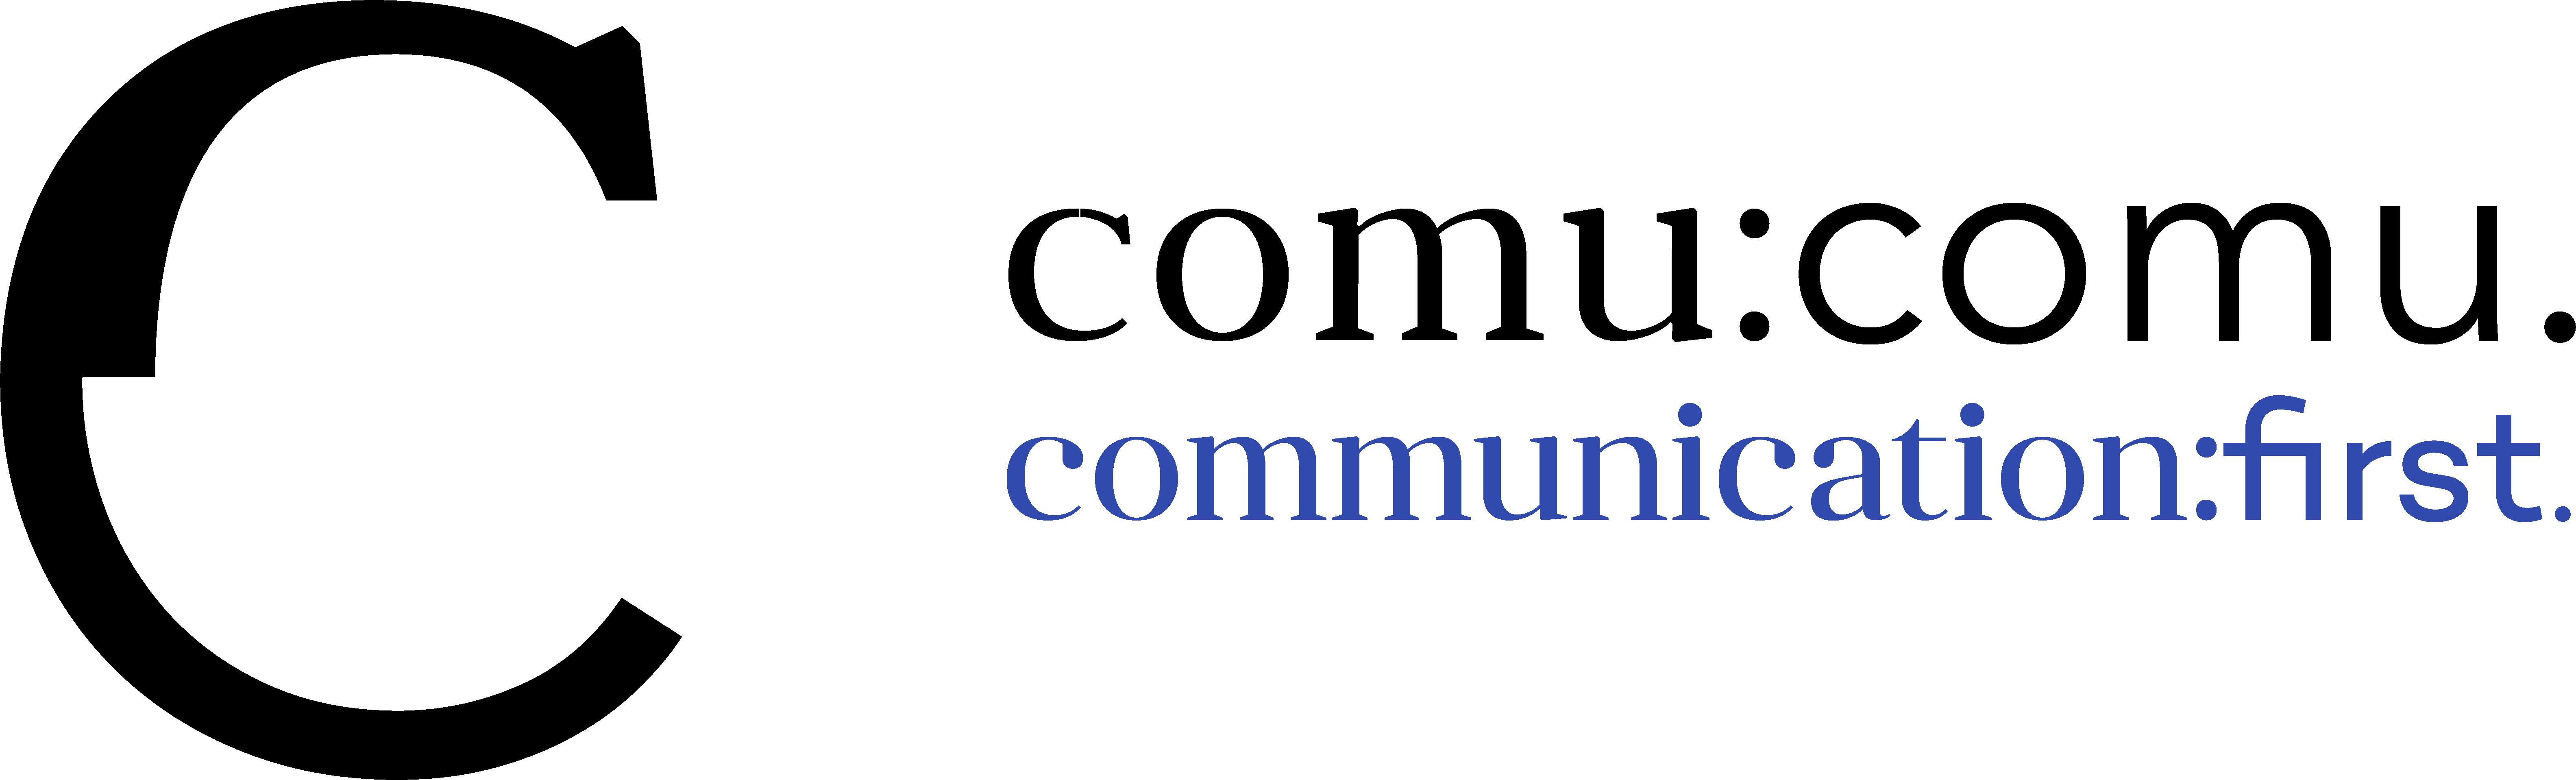 ComuComu